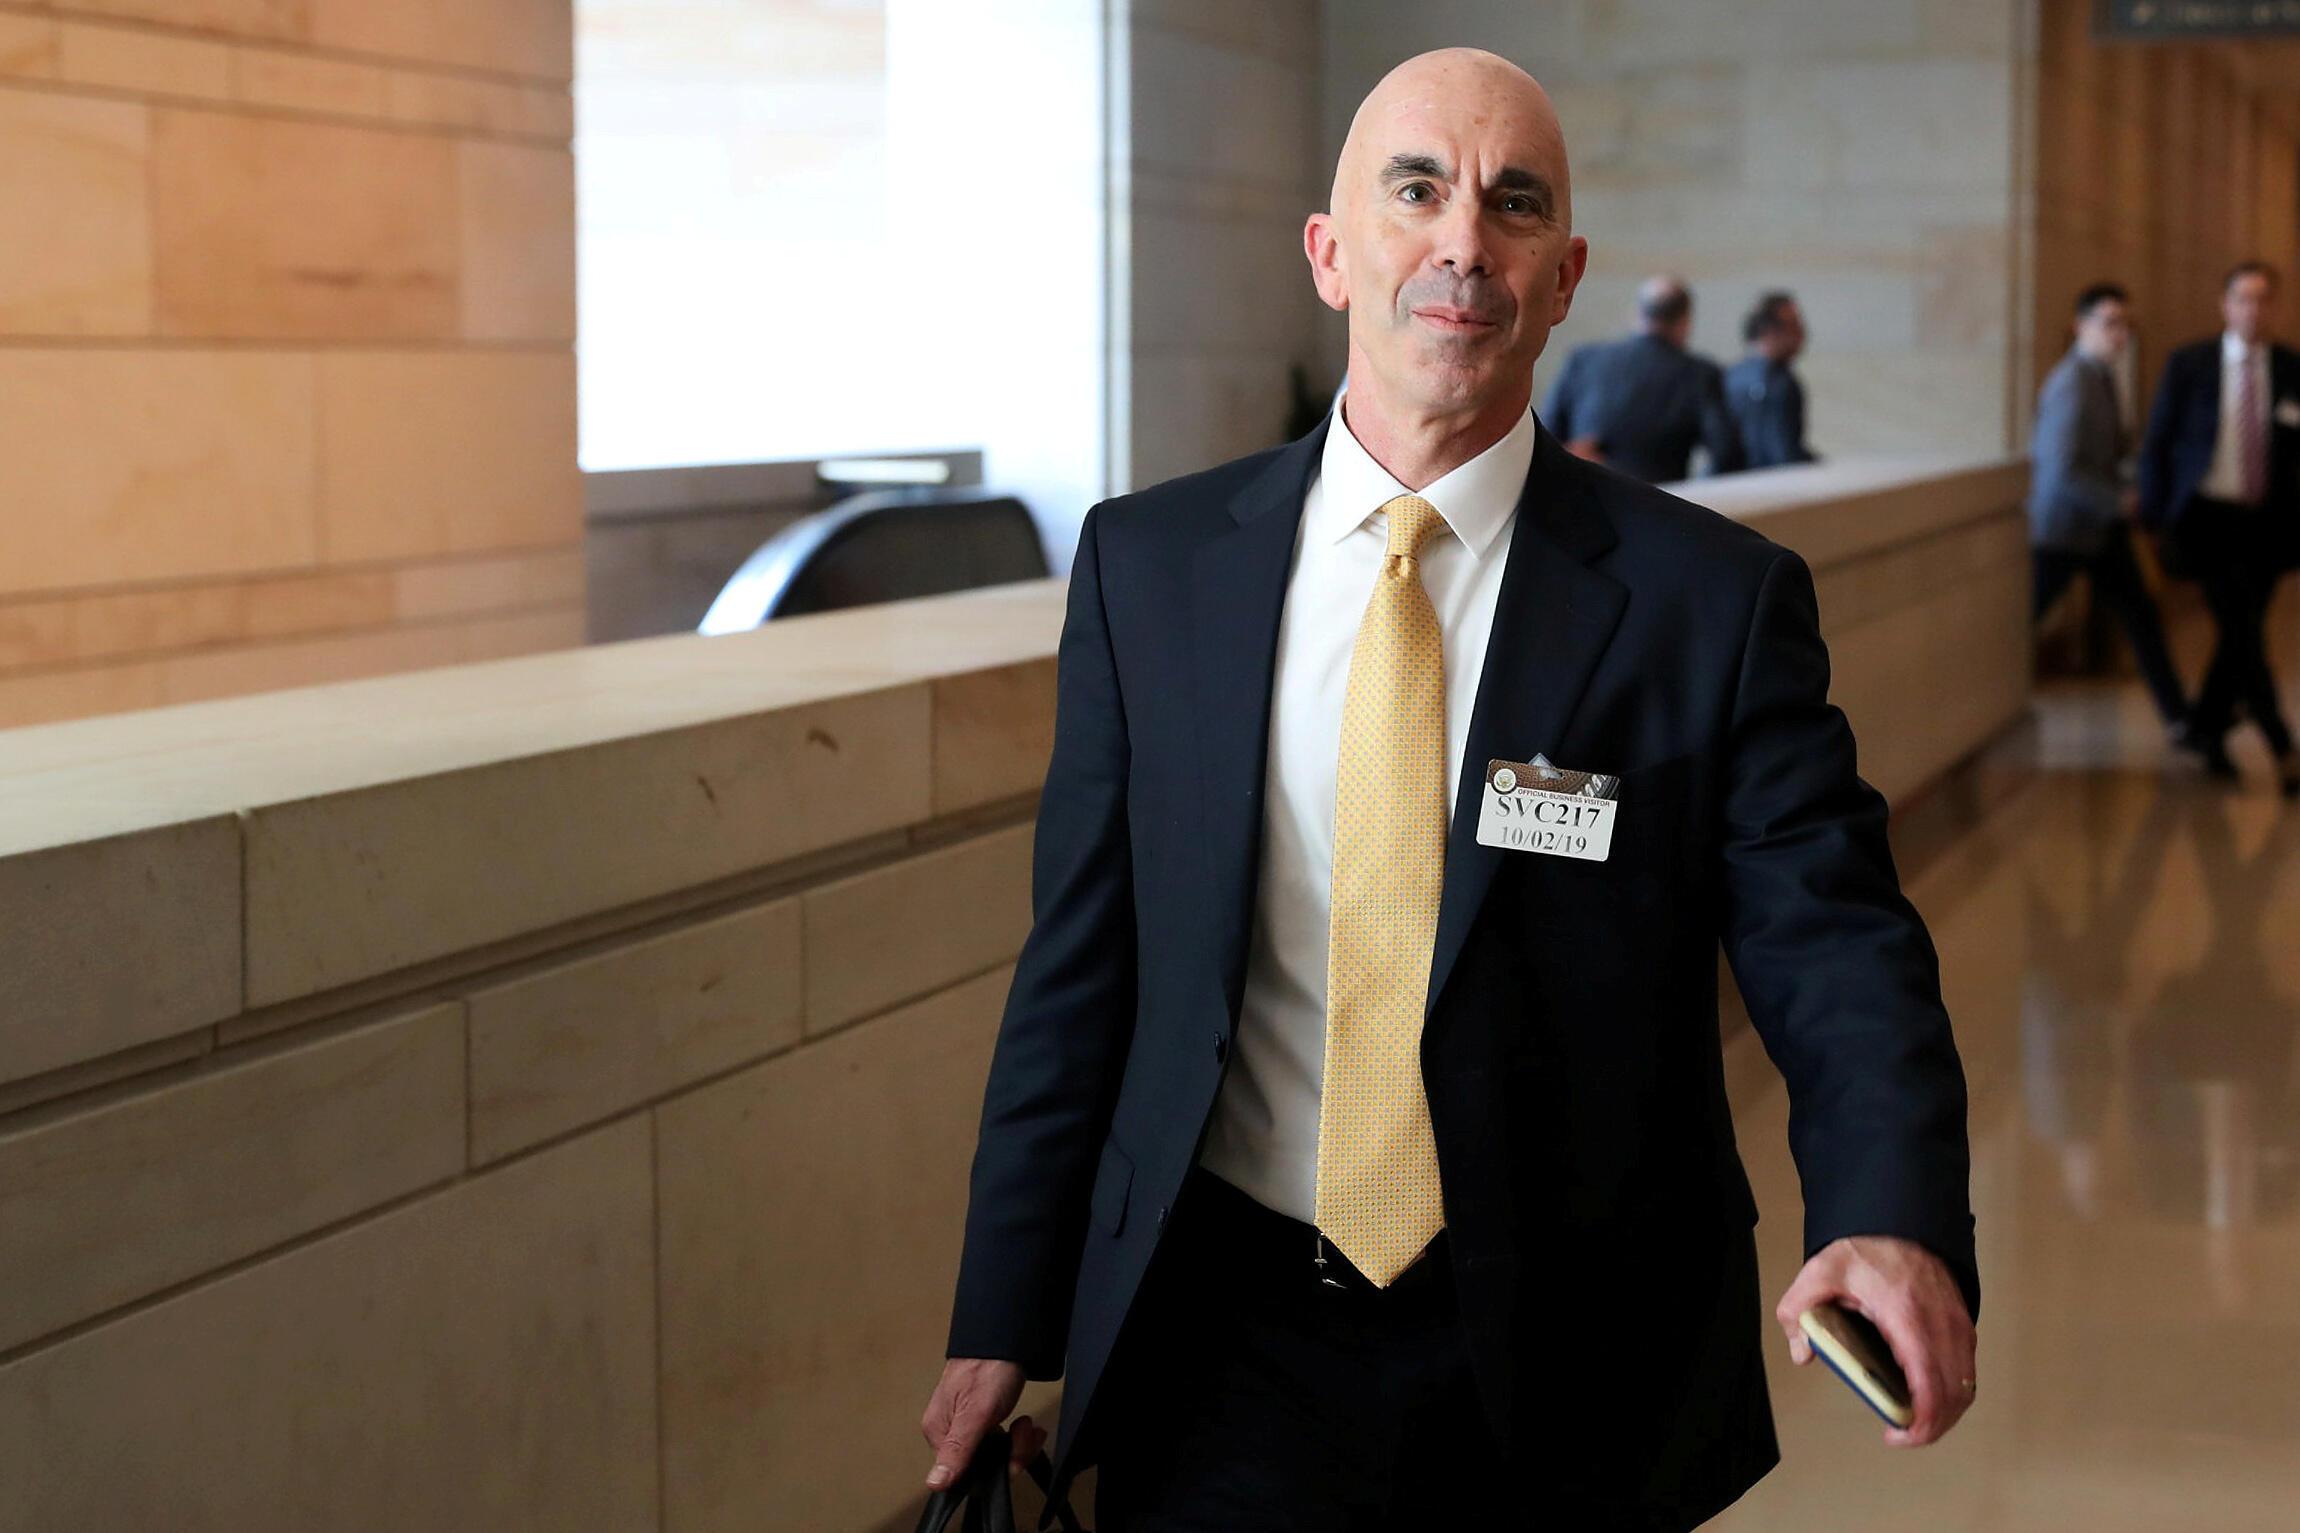 Steve Linick, inspecteur général du département d'État vient d'être limogé par Donald Trump (mai 2020).